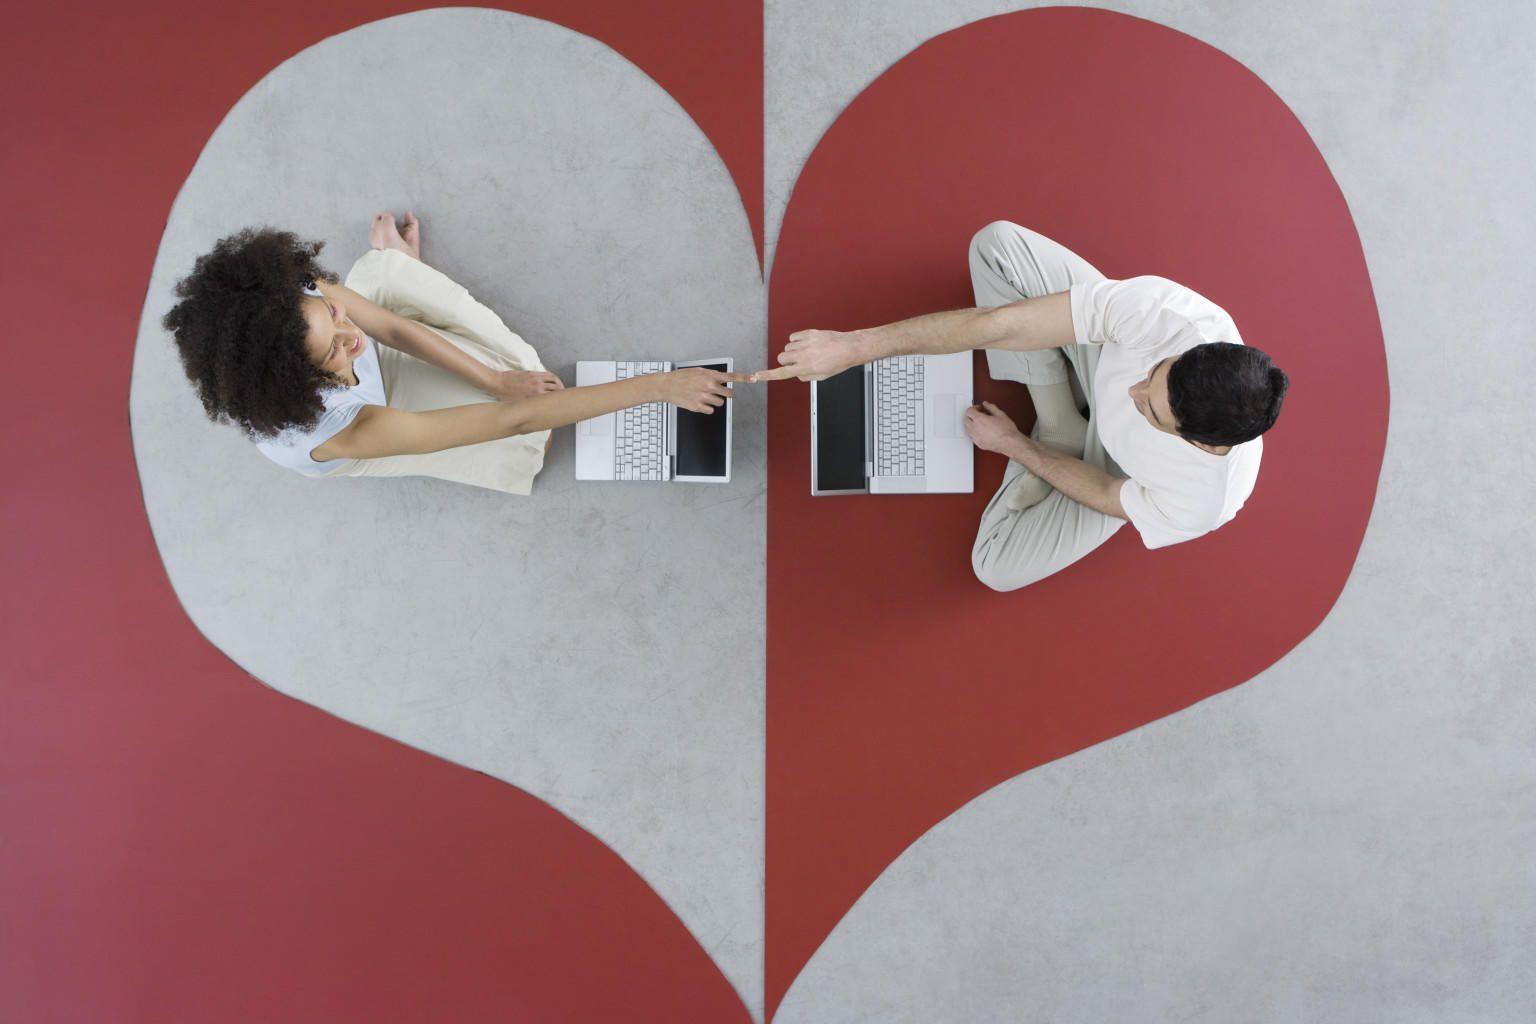 Καλό και κακό για το online dating